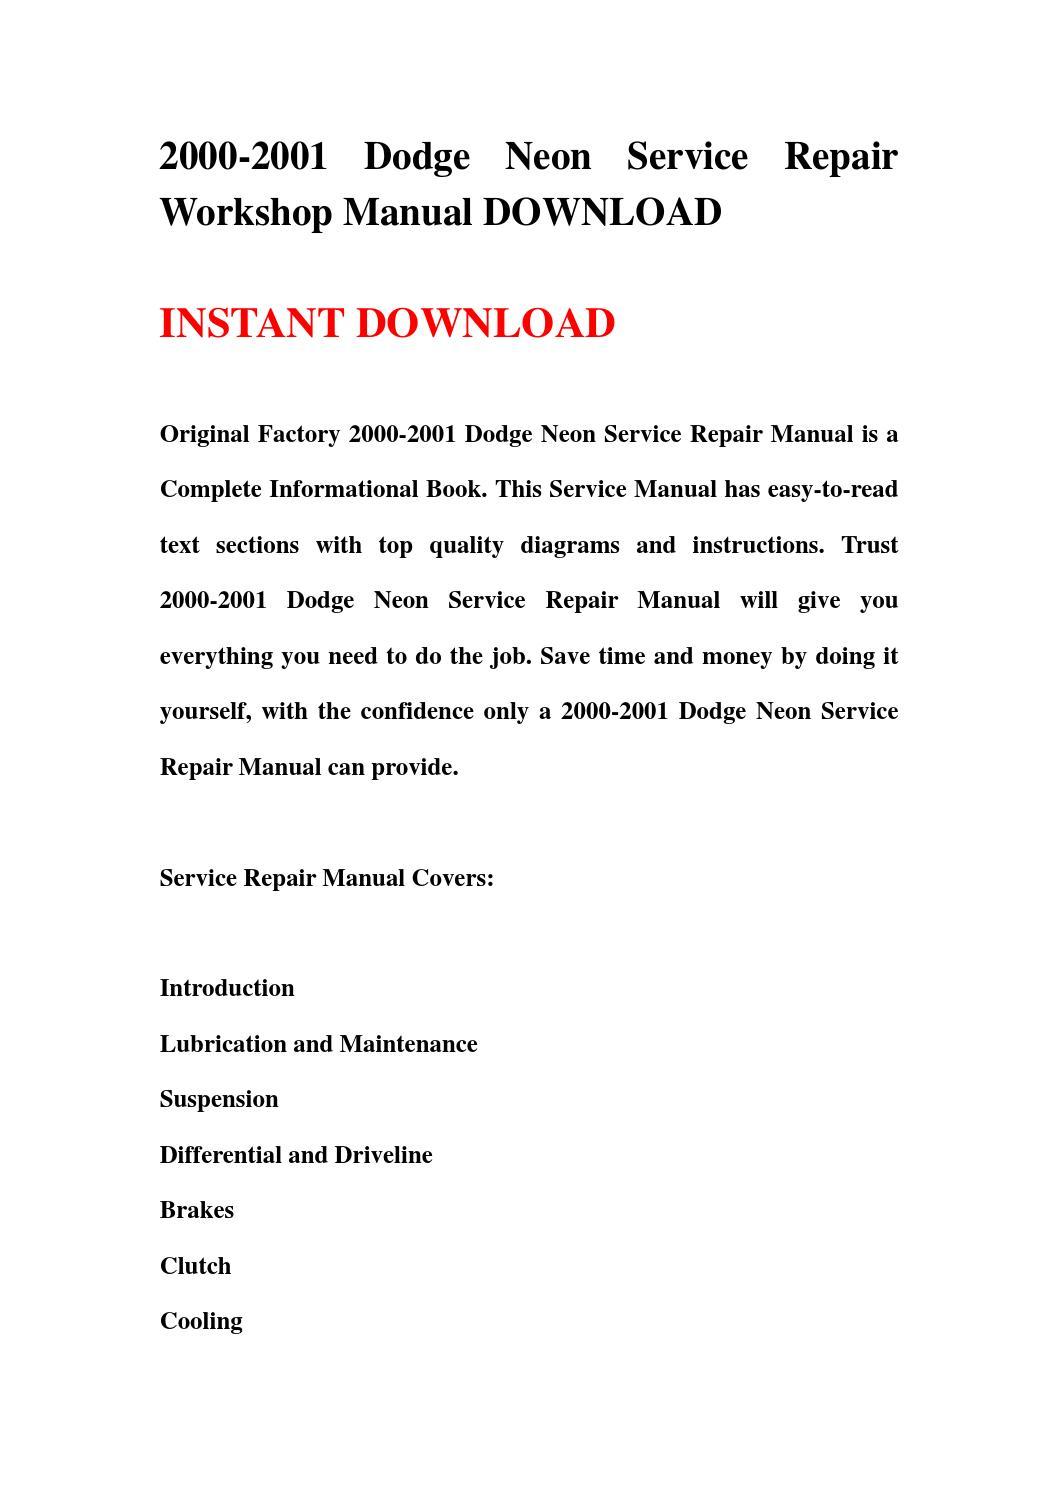 2000 2001 Dodge Neon Service Repair Workshop Manual